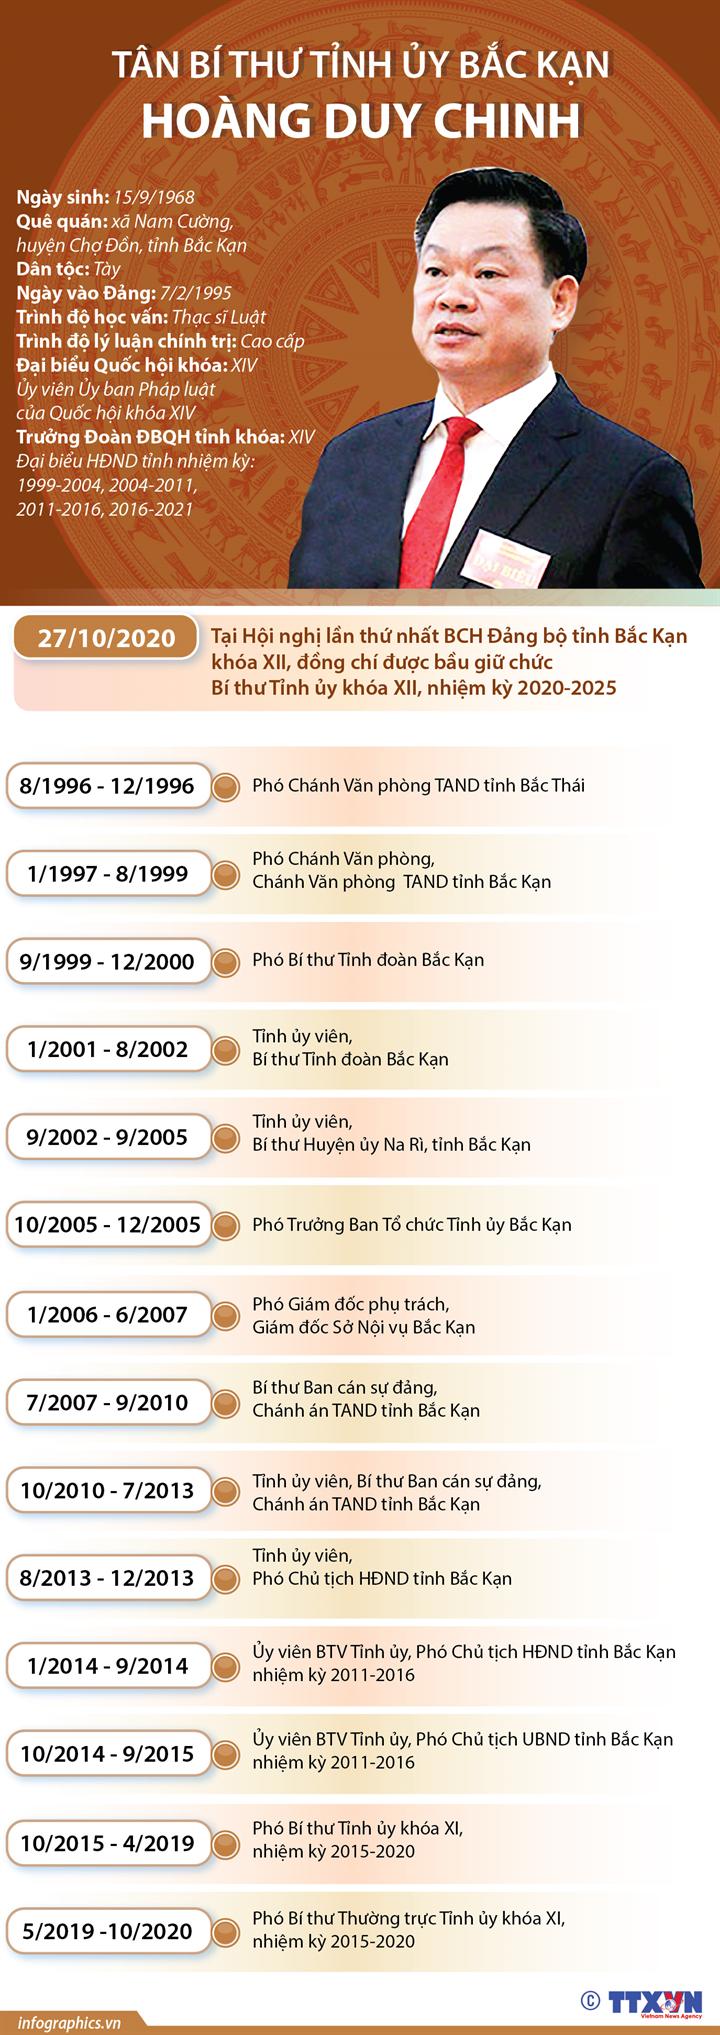 Tân Bí thư Tỉnh ủy Bắc Kạn Hoàng Duy Chinh